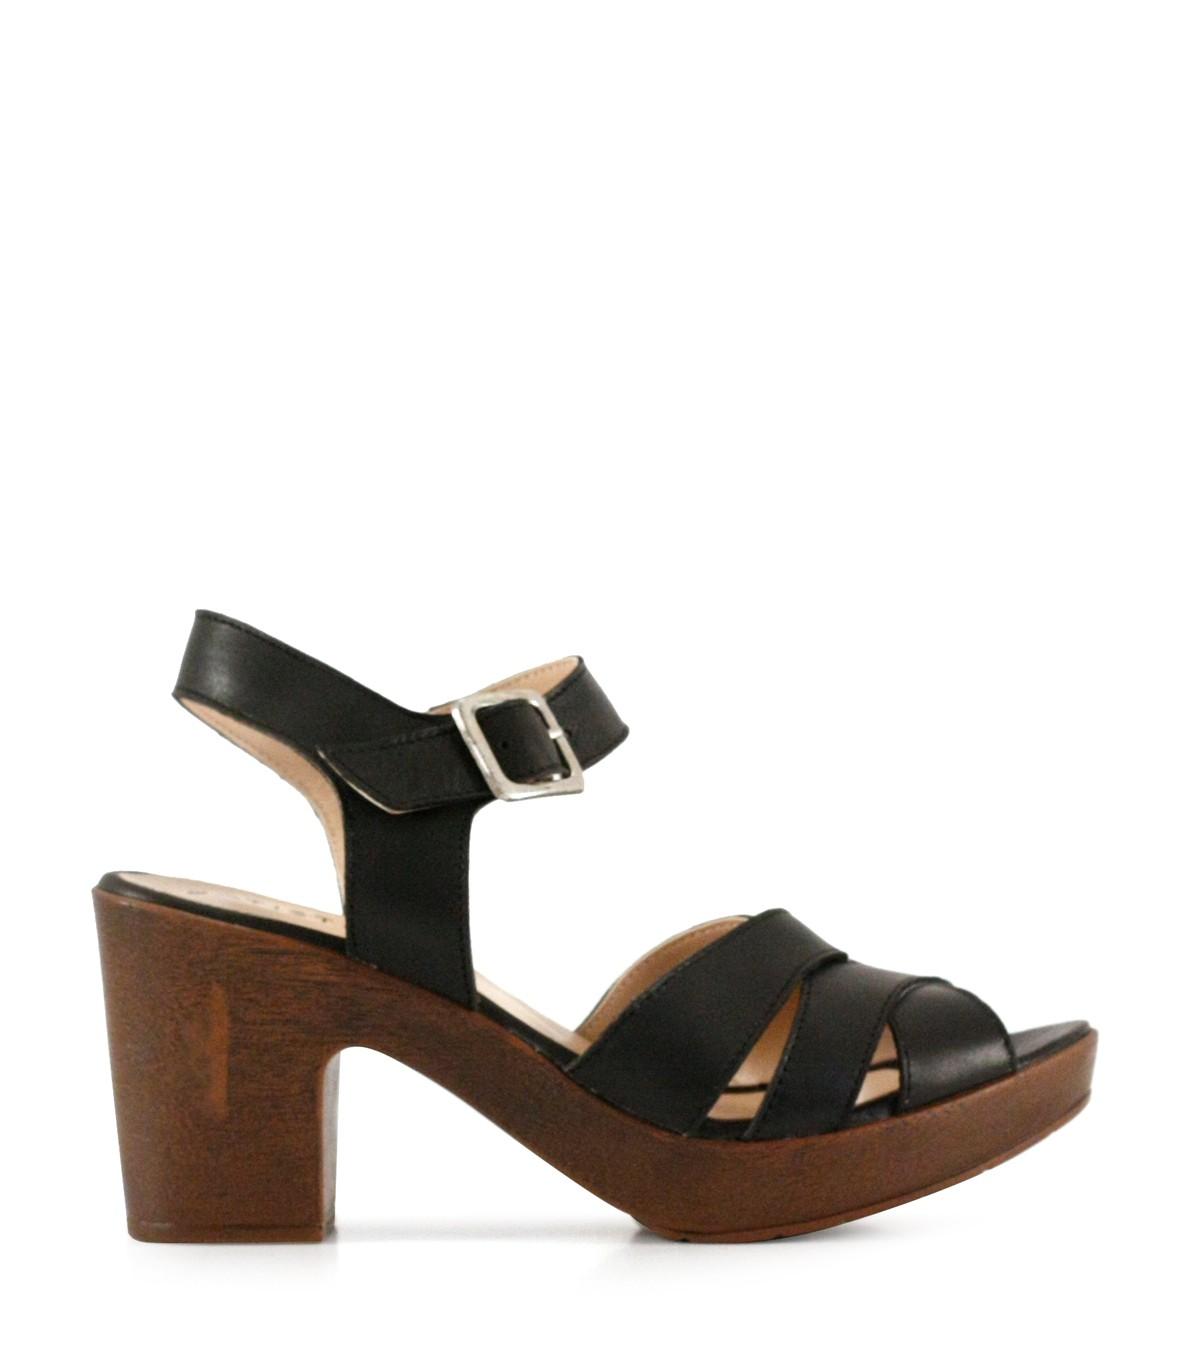 b87a37927 Sandalias de cuero negro con taco medio en calzadosbatistella.com.ar